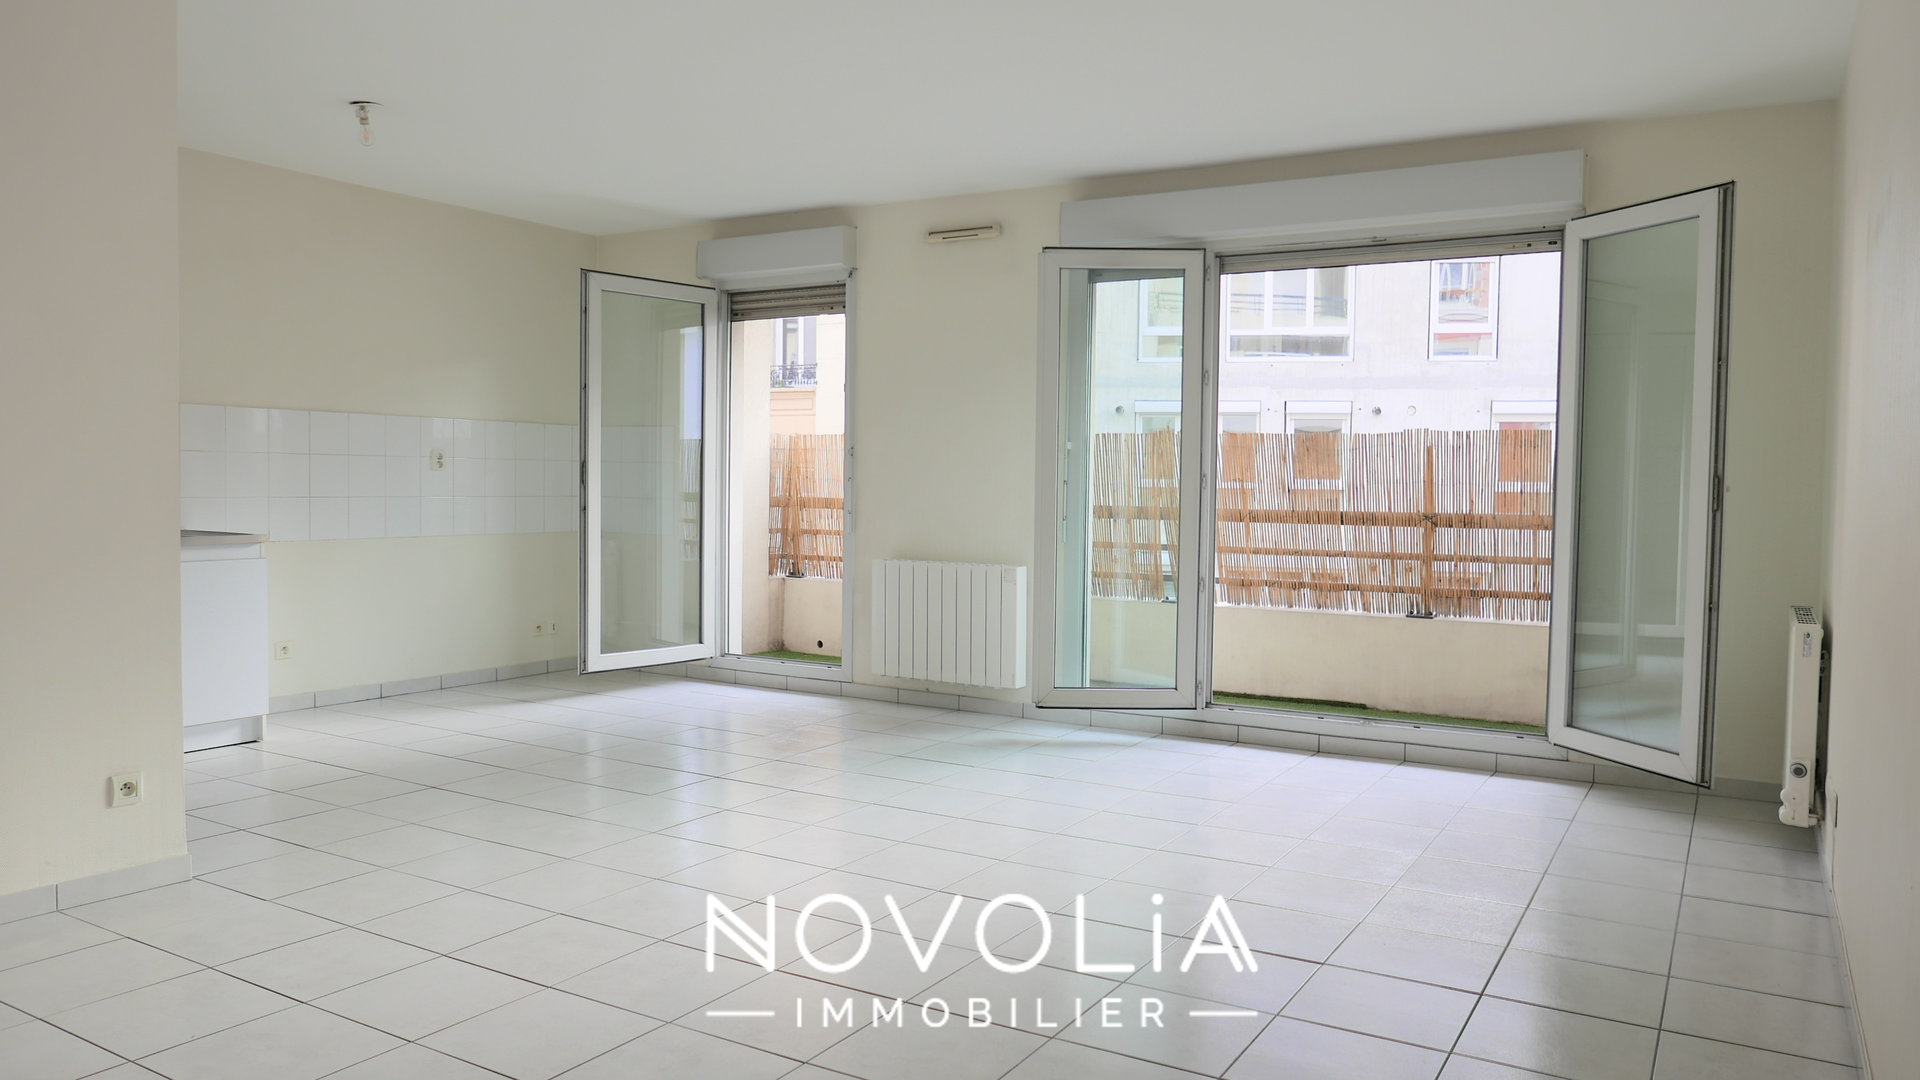 Achat Appartement Surface de 86.42 m²/ Total carrez : 86.42 m², 4 pièces, Villeurbanne (69100)